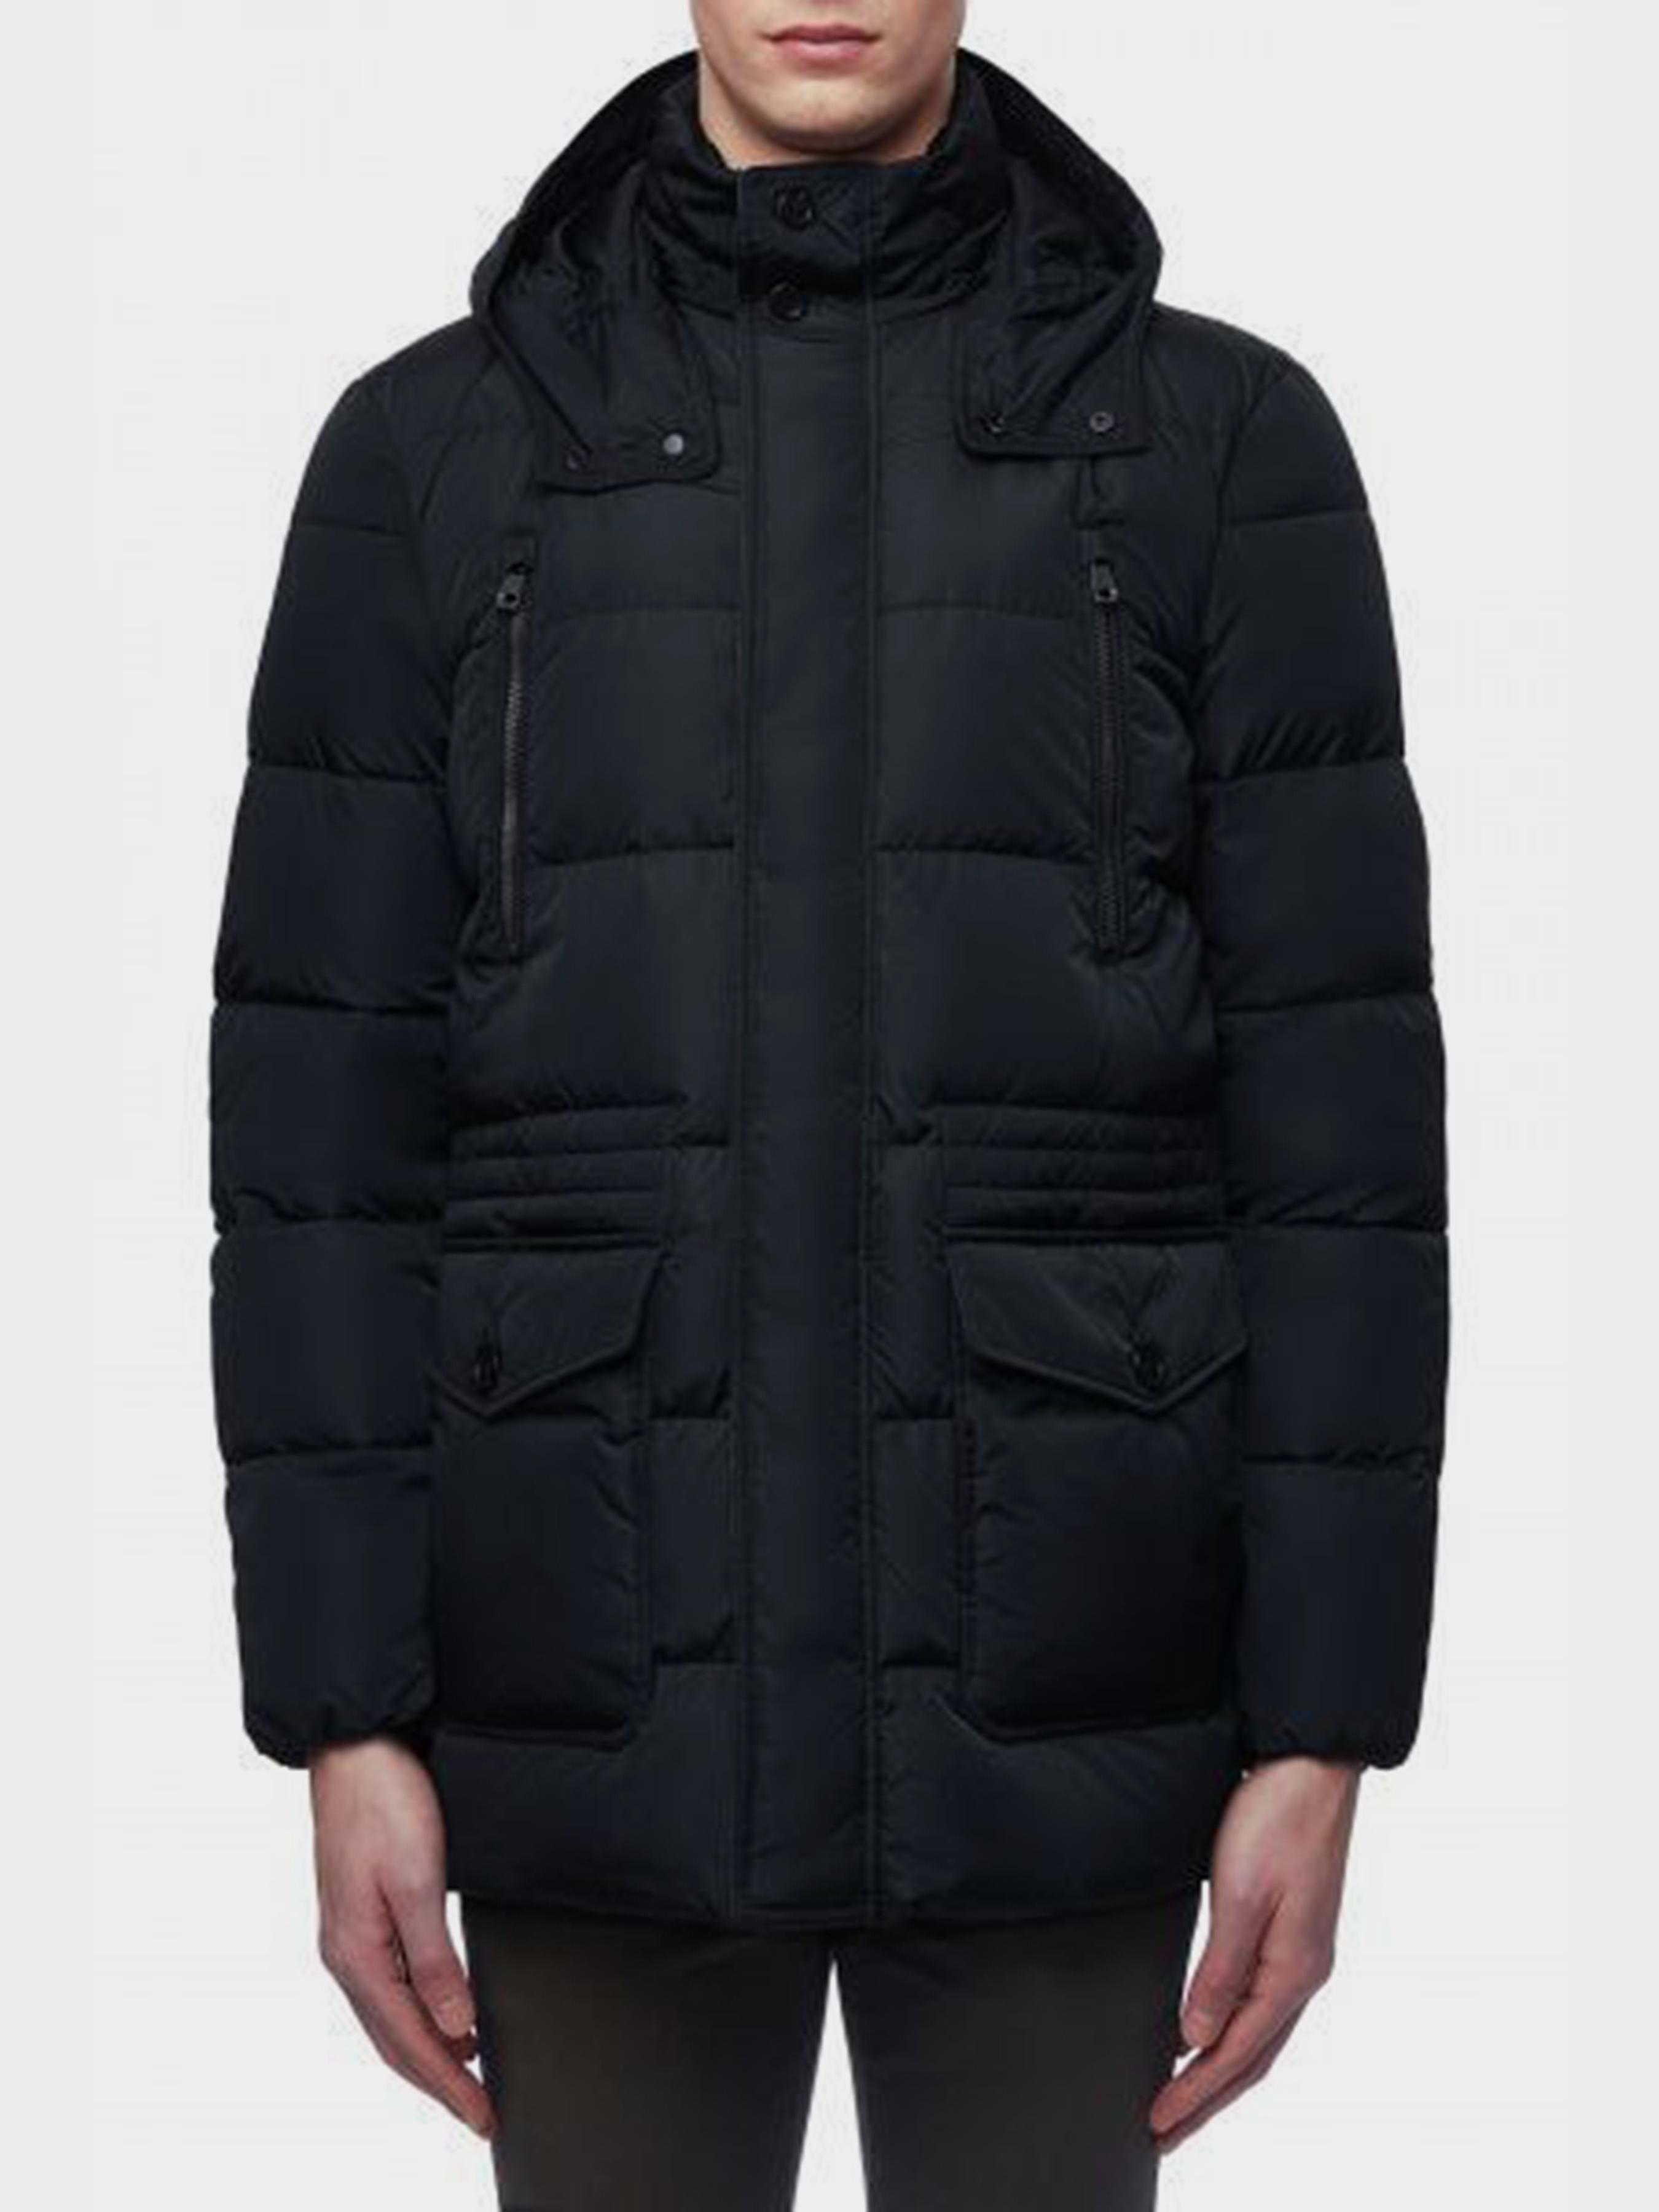 Купить Пальто пуховое мужские модель XA5983, Geox, Синий